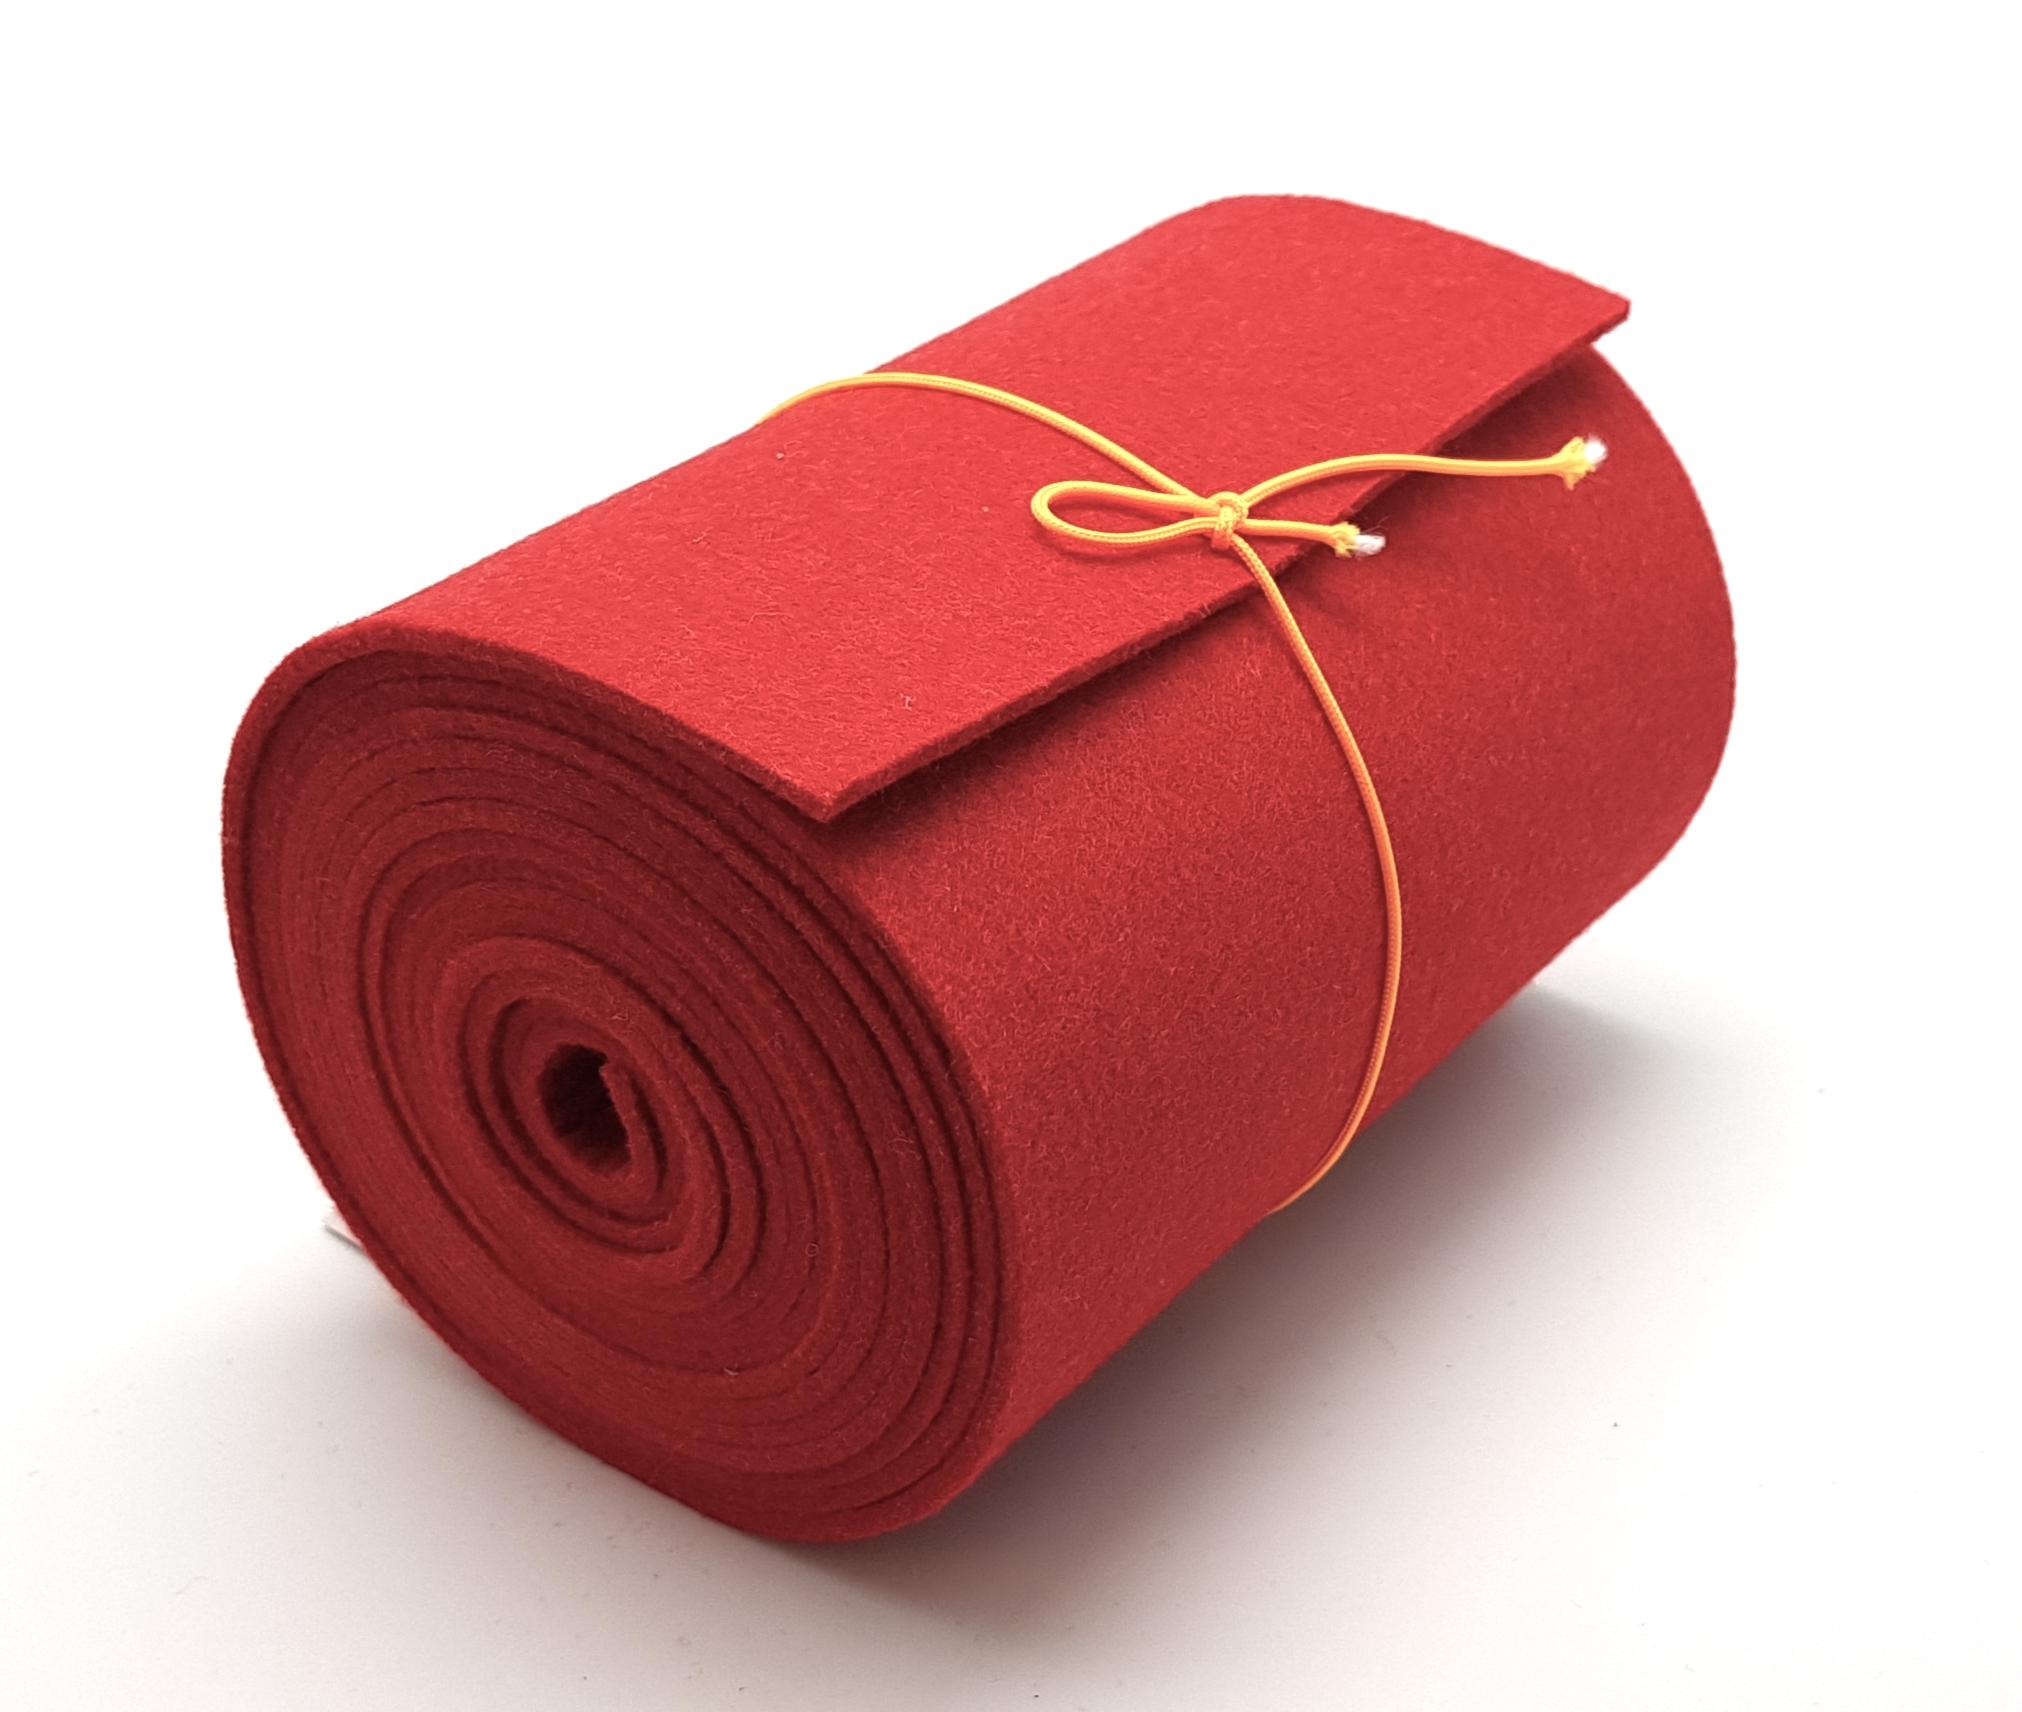 15-cm-rolle-rot - Handgemachte individualisierbare Taschen, Körbe, Tischsets, Dekoartikel und mehr auf fideko.de der Onlineshop seit 2011